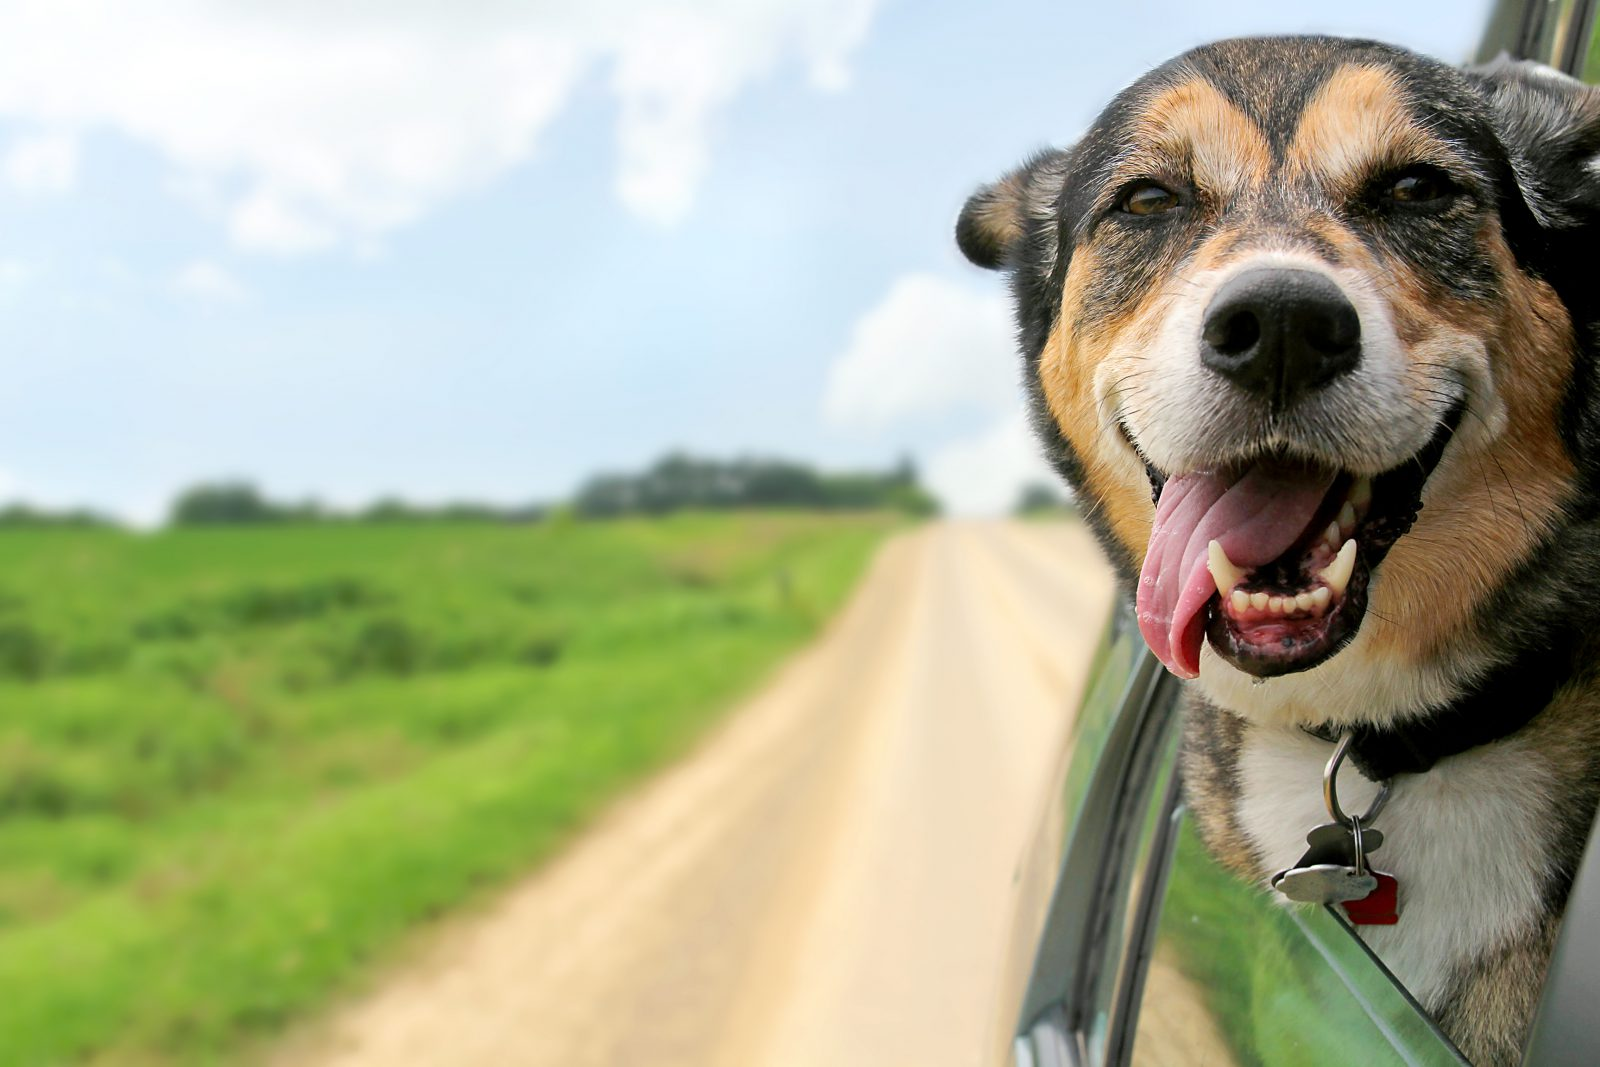 Regras para viajar com cachorro: Cachorro viajando de carro sentindo a brisa gelada do vento.